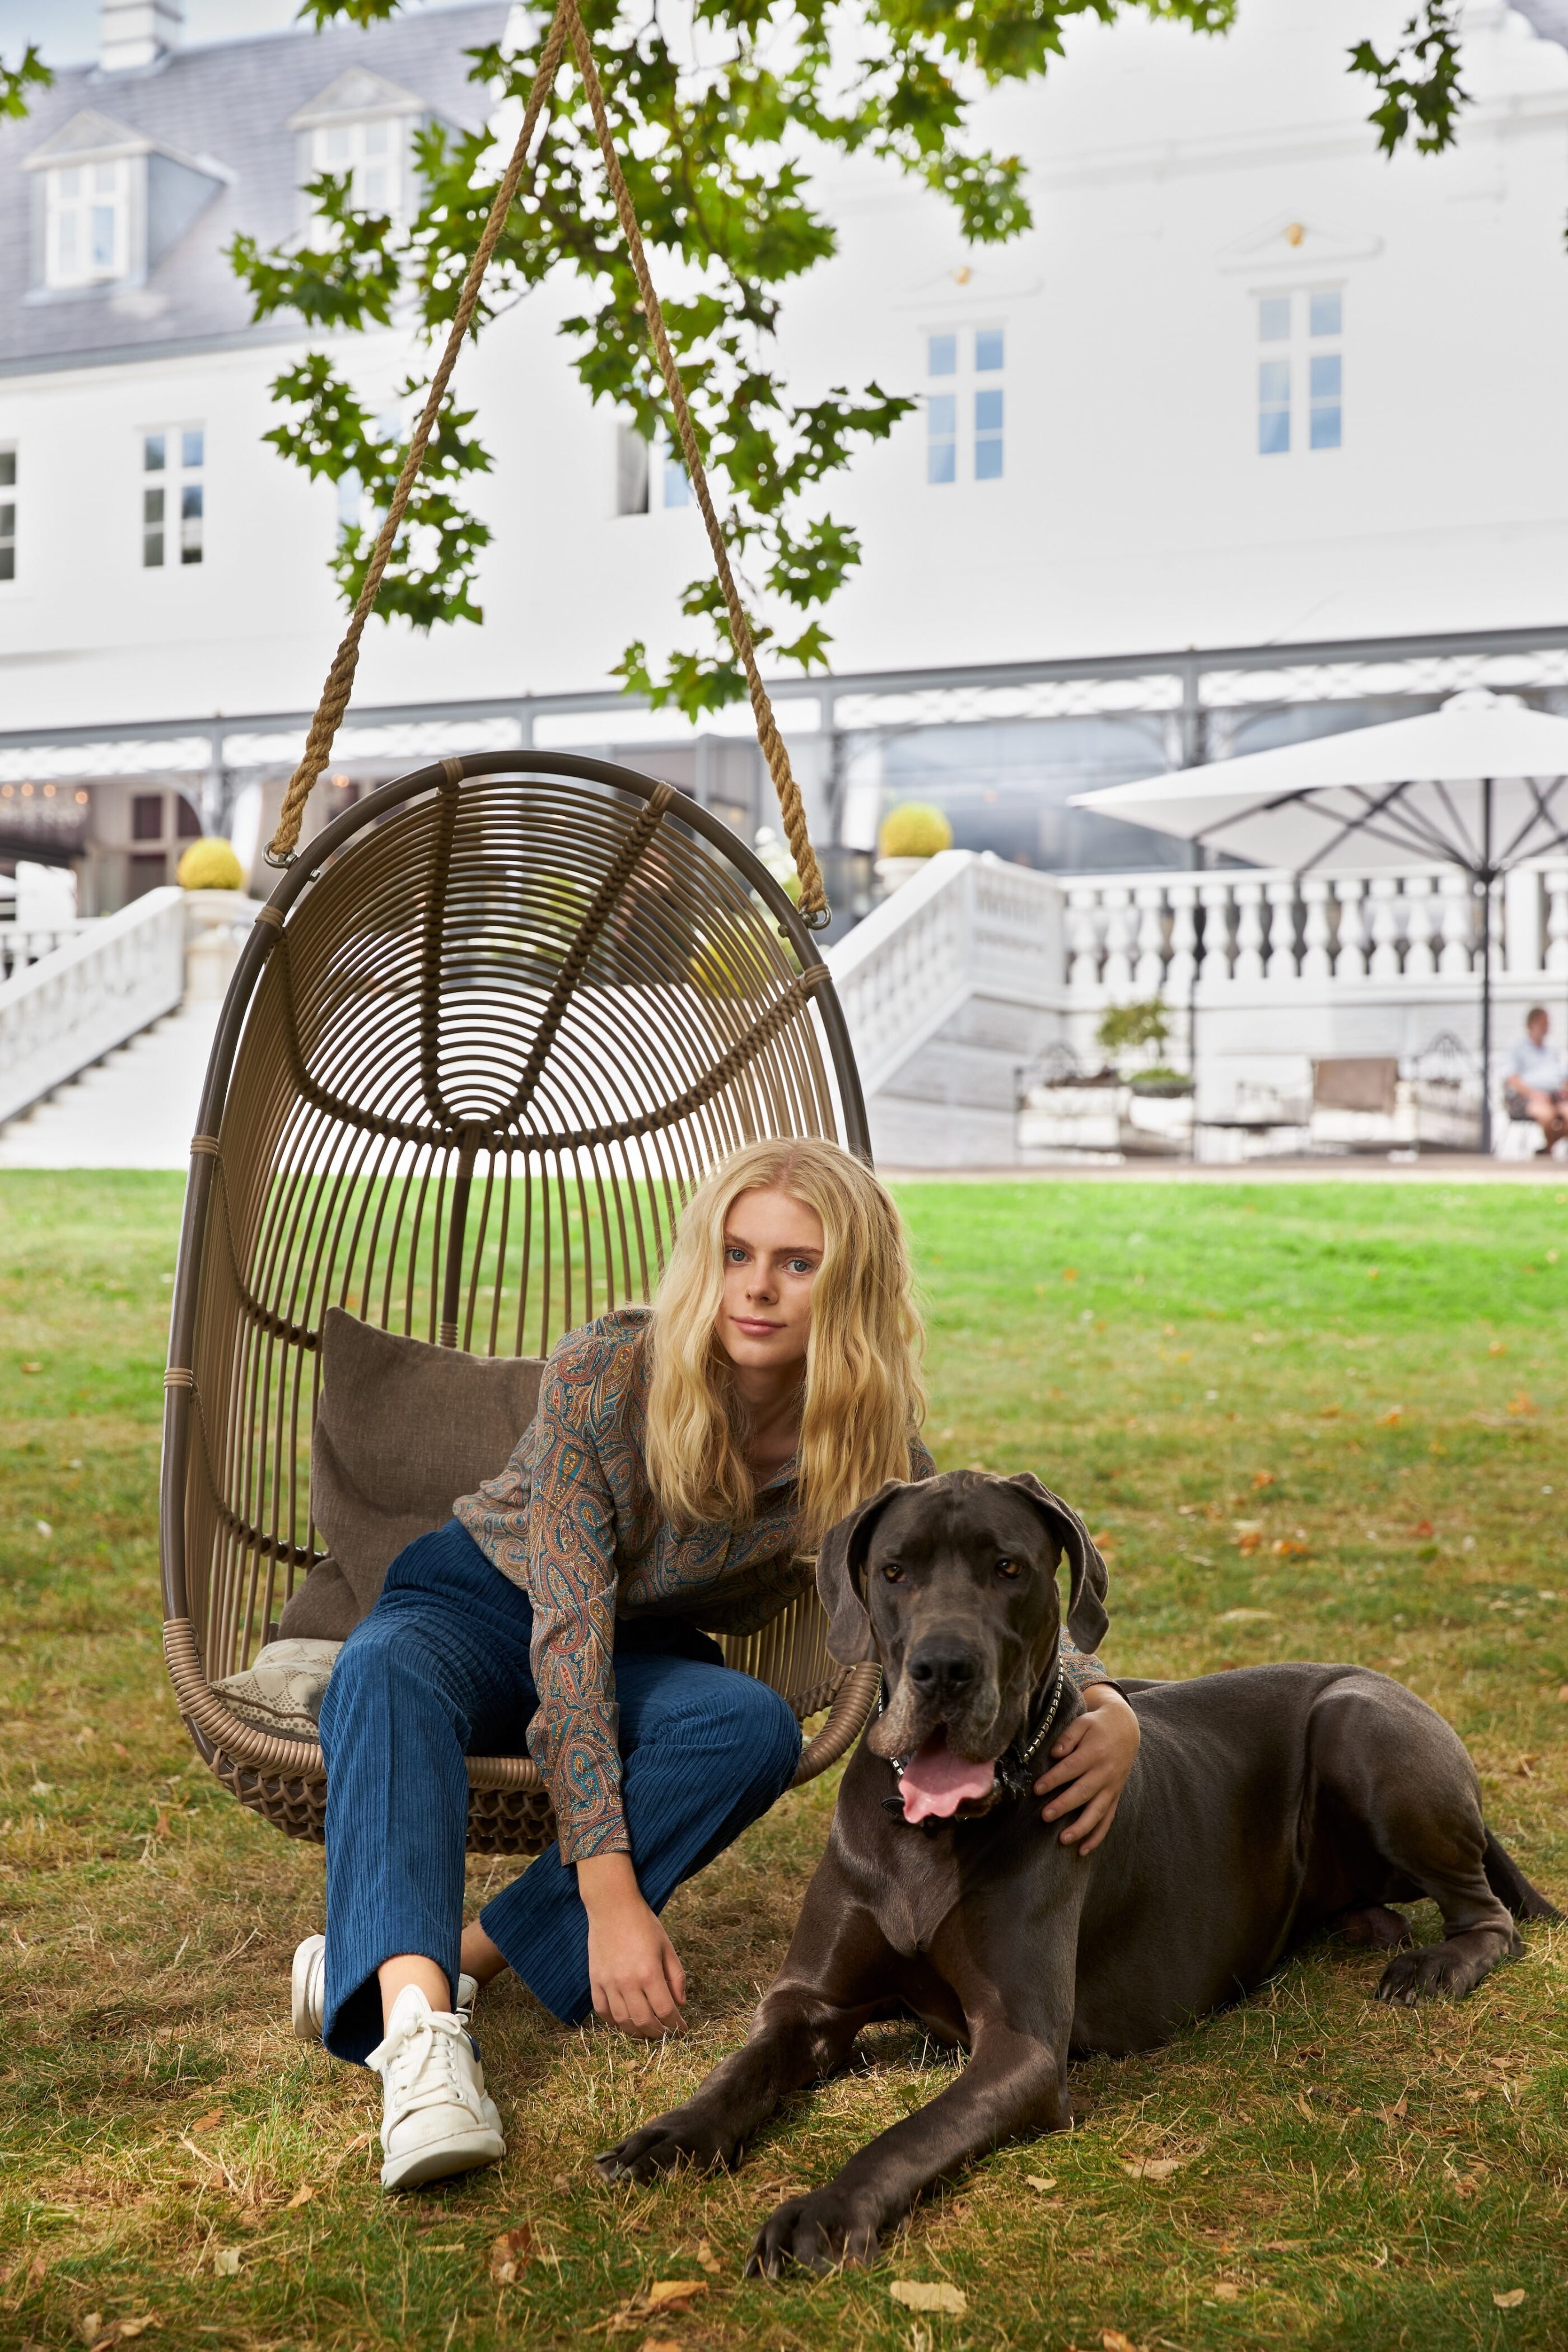 En kvinde sidder på en havestol som hænger under et træ, mens hun kæler en hund